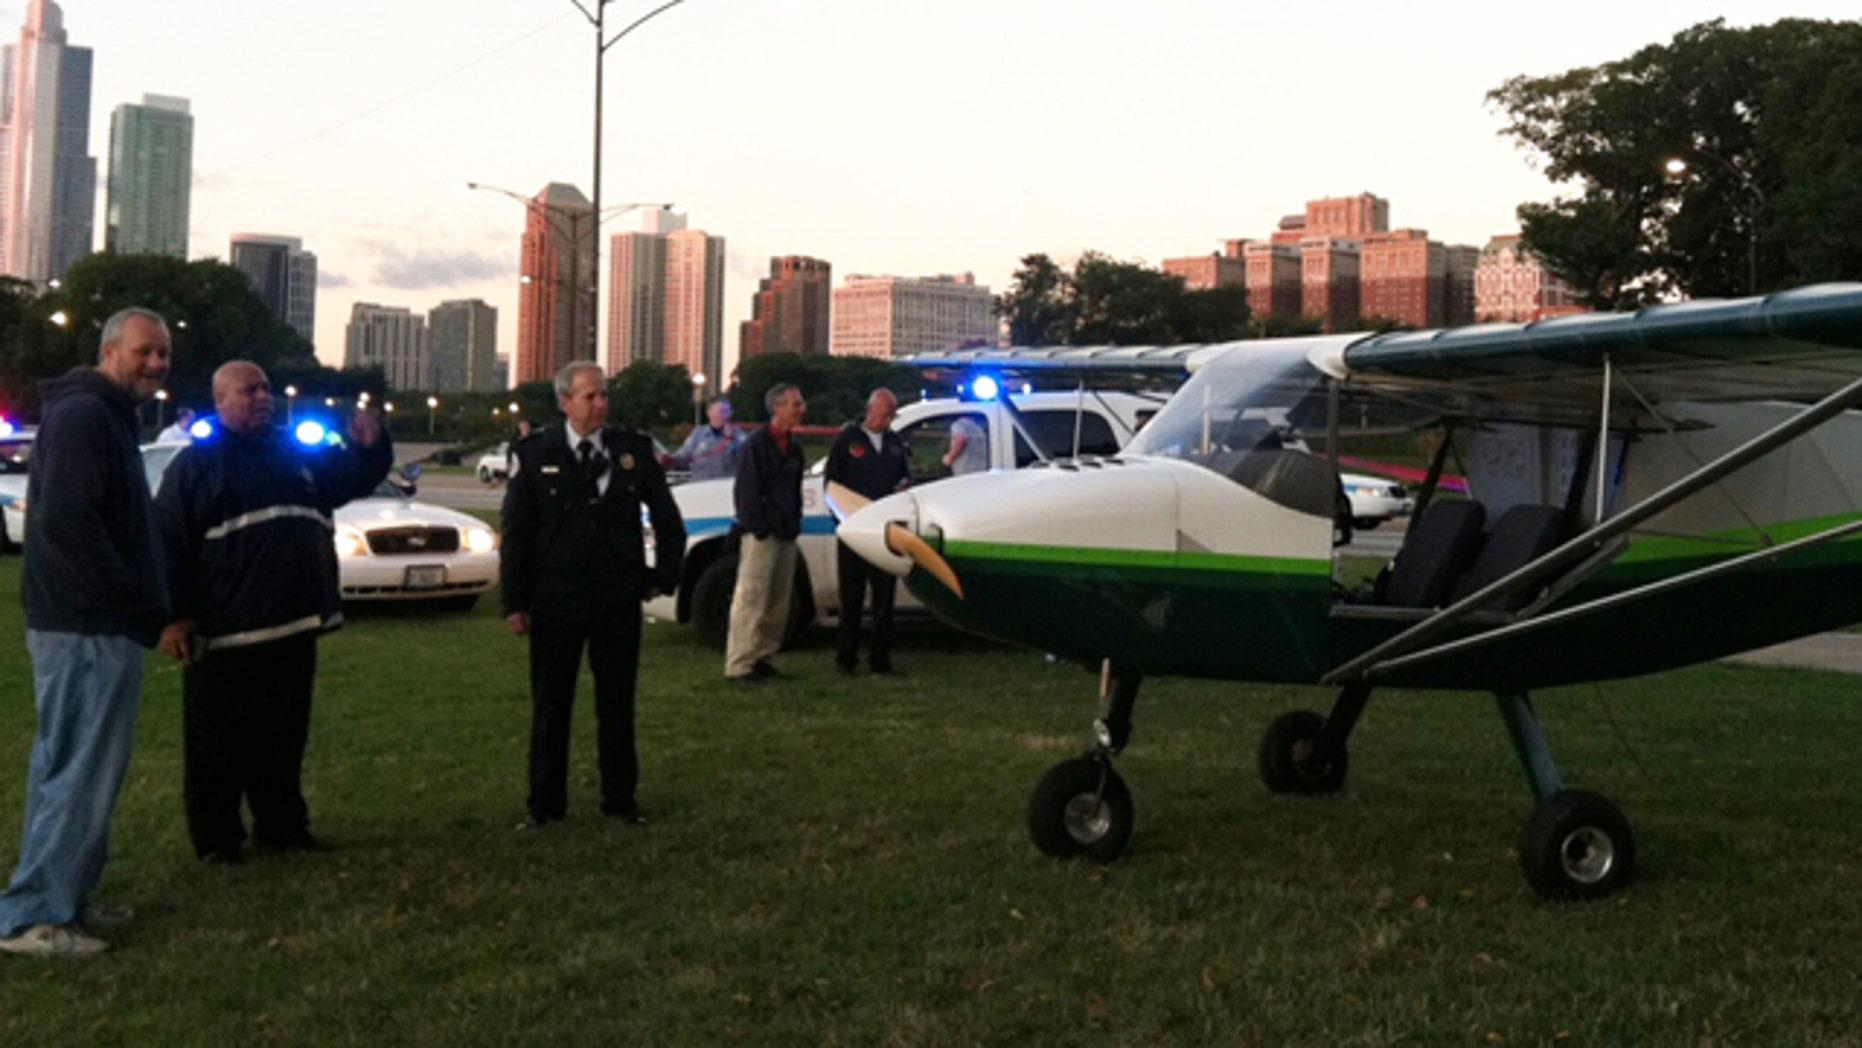 Sept. 22, 2013: Pilot John Pederson,left, 51, far left, landed his single-engine plane near Lake Shore Drive in Chicago.